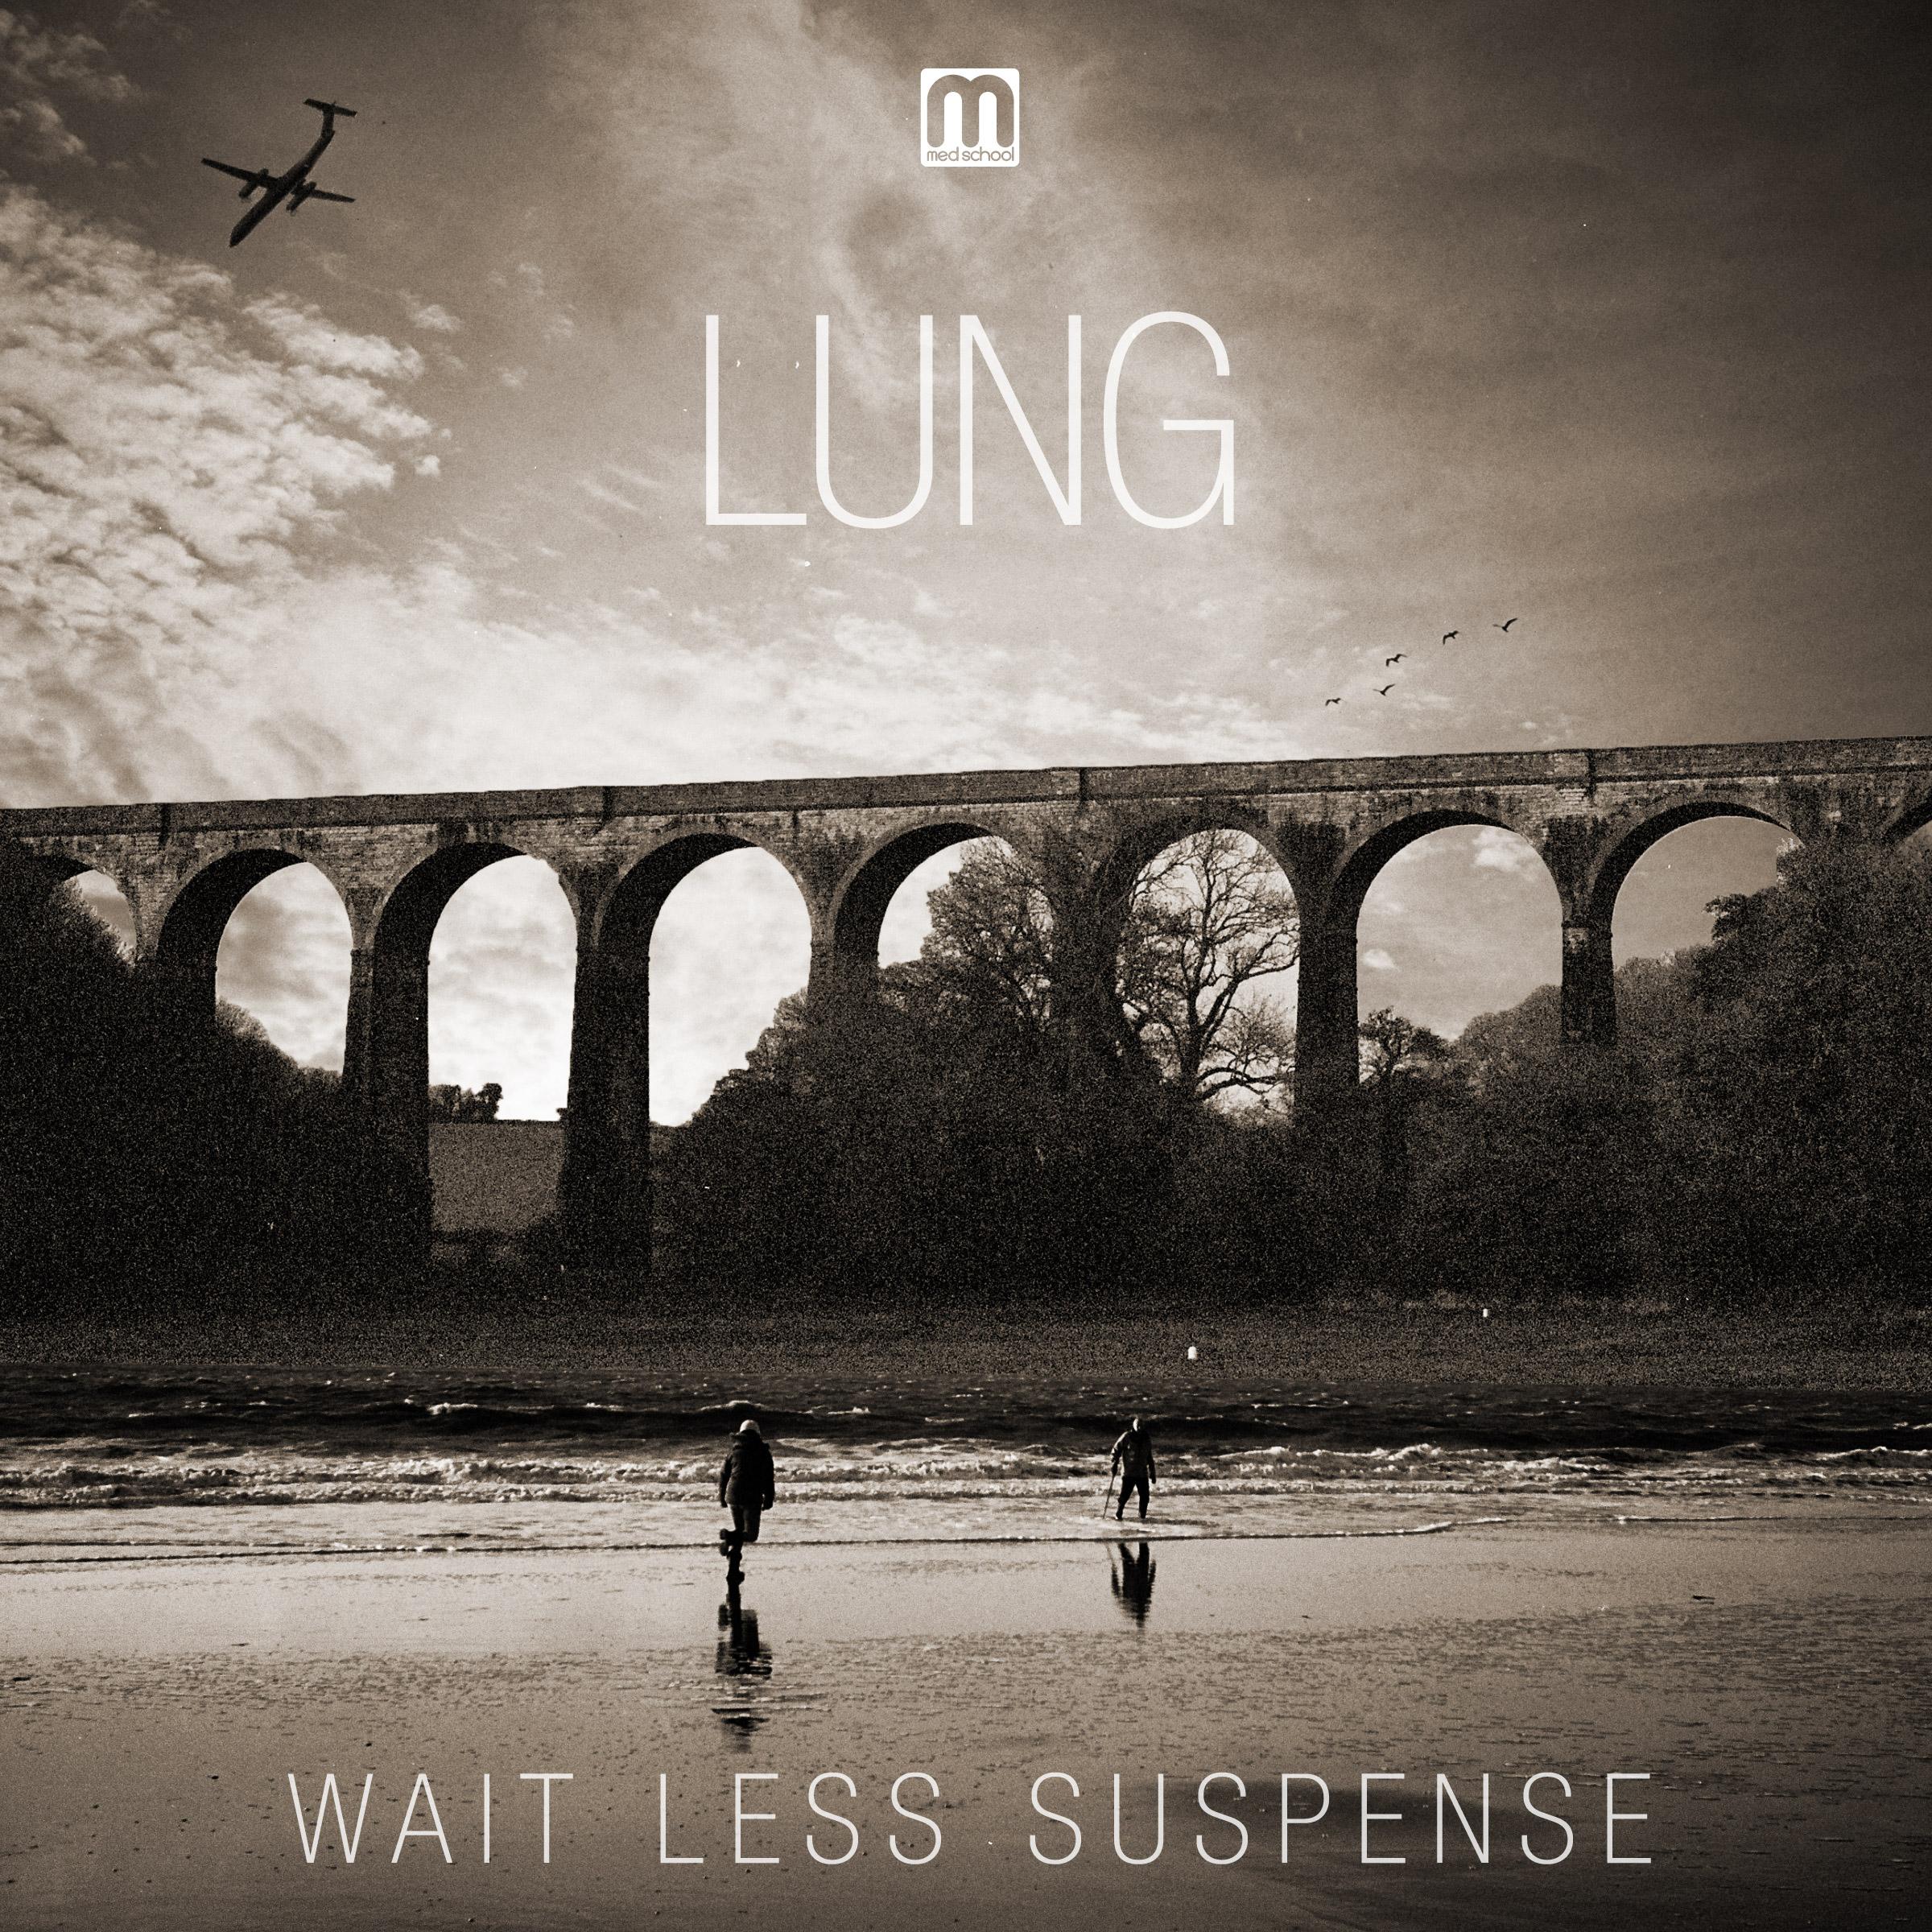 Lung/WAIT LESS SUSPENSE CD